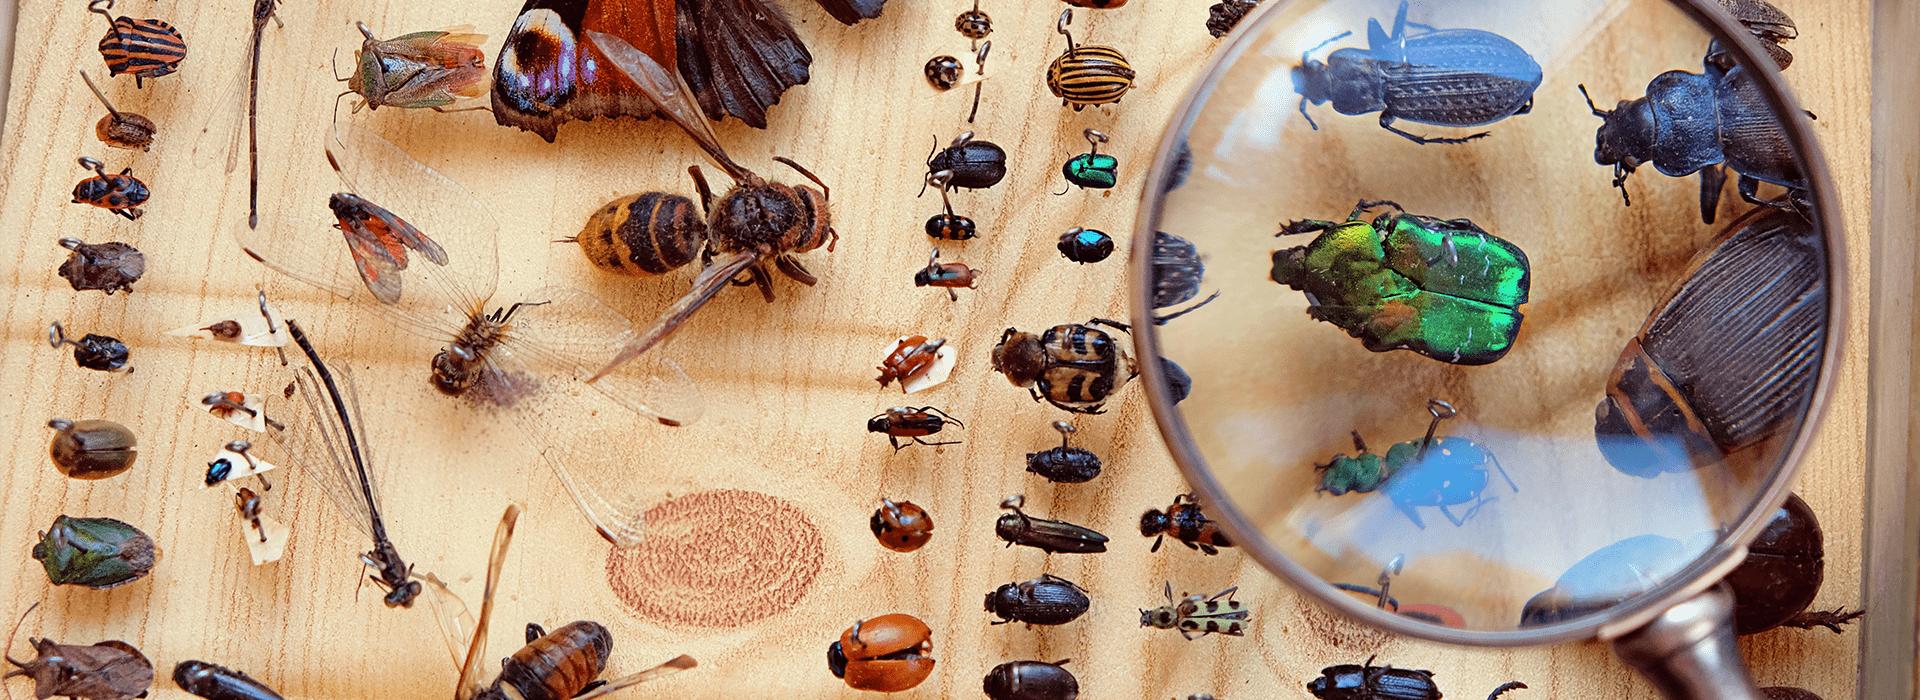 an entomology display case in wichita kansas